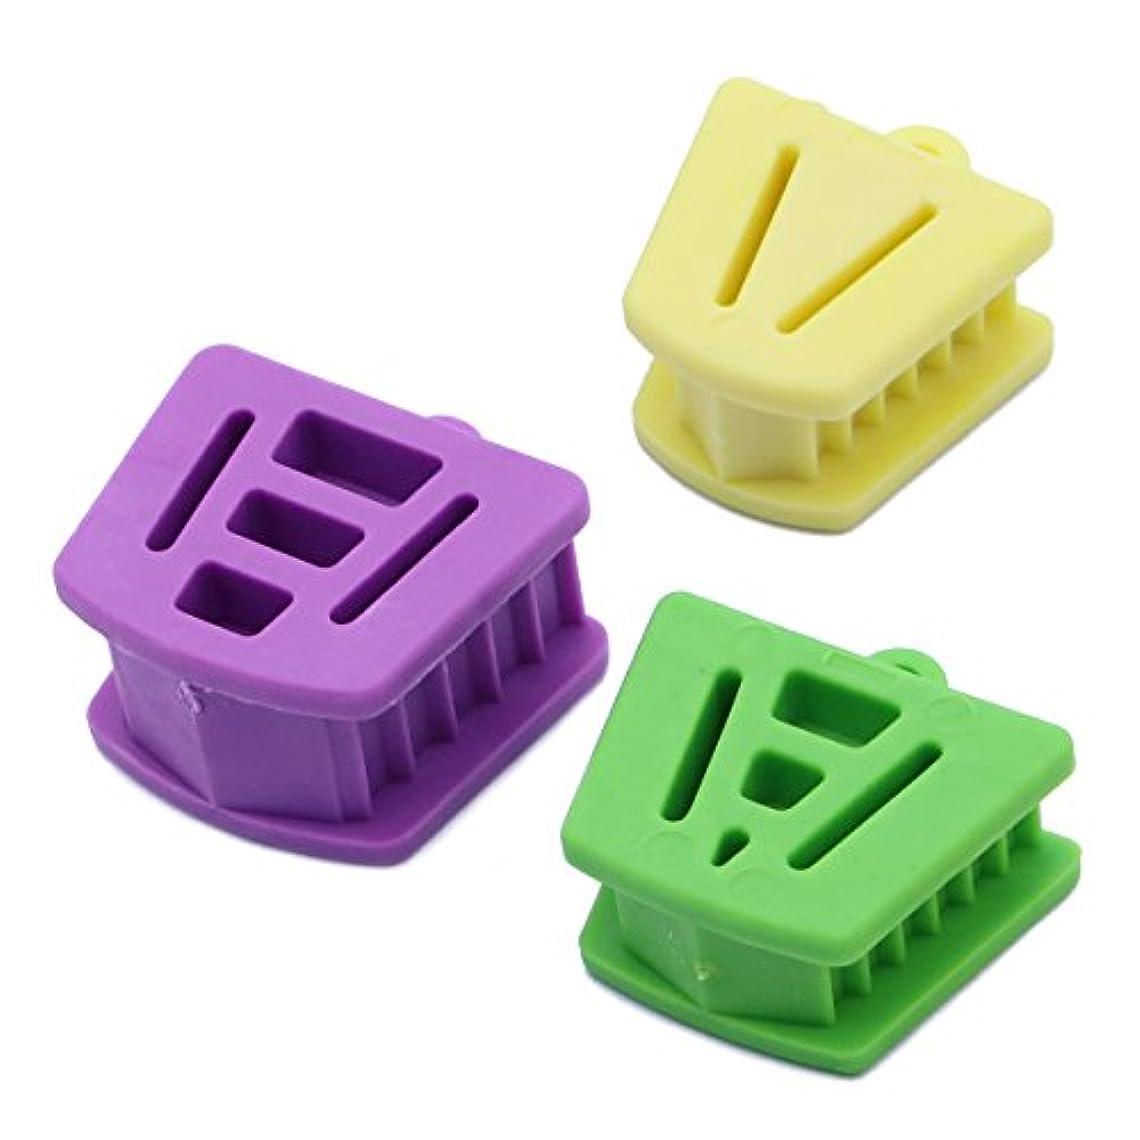 省略ジャニスピットHealifty 3個/パック口プロップバイトブロック歯科口腔内支持矯正用アクセサリー